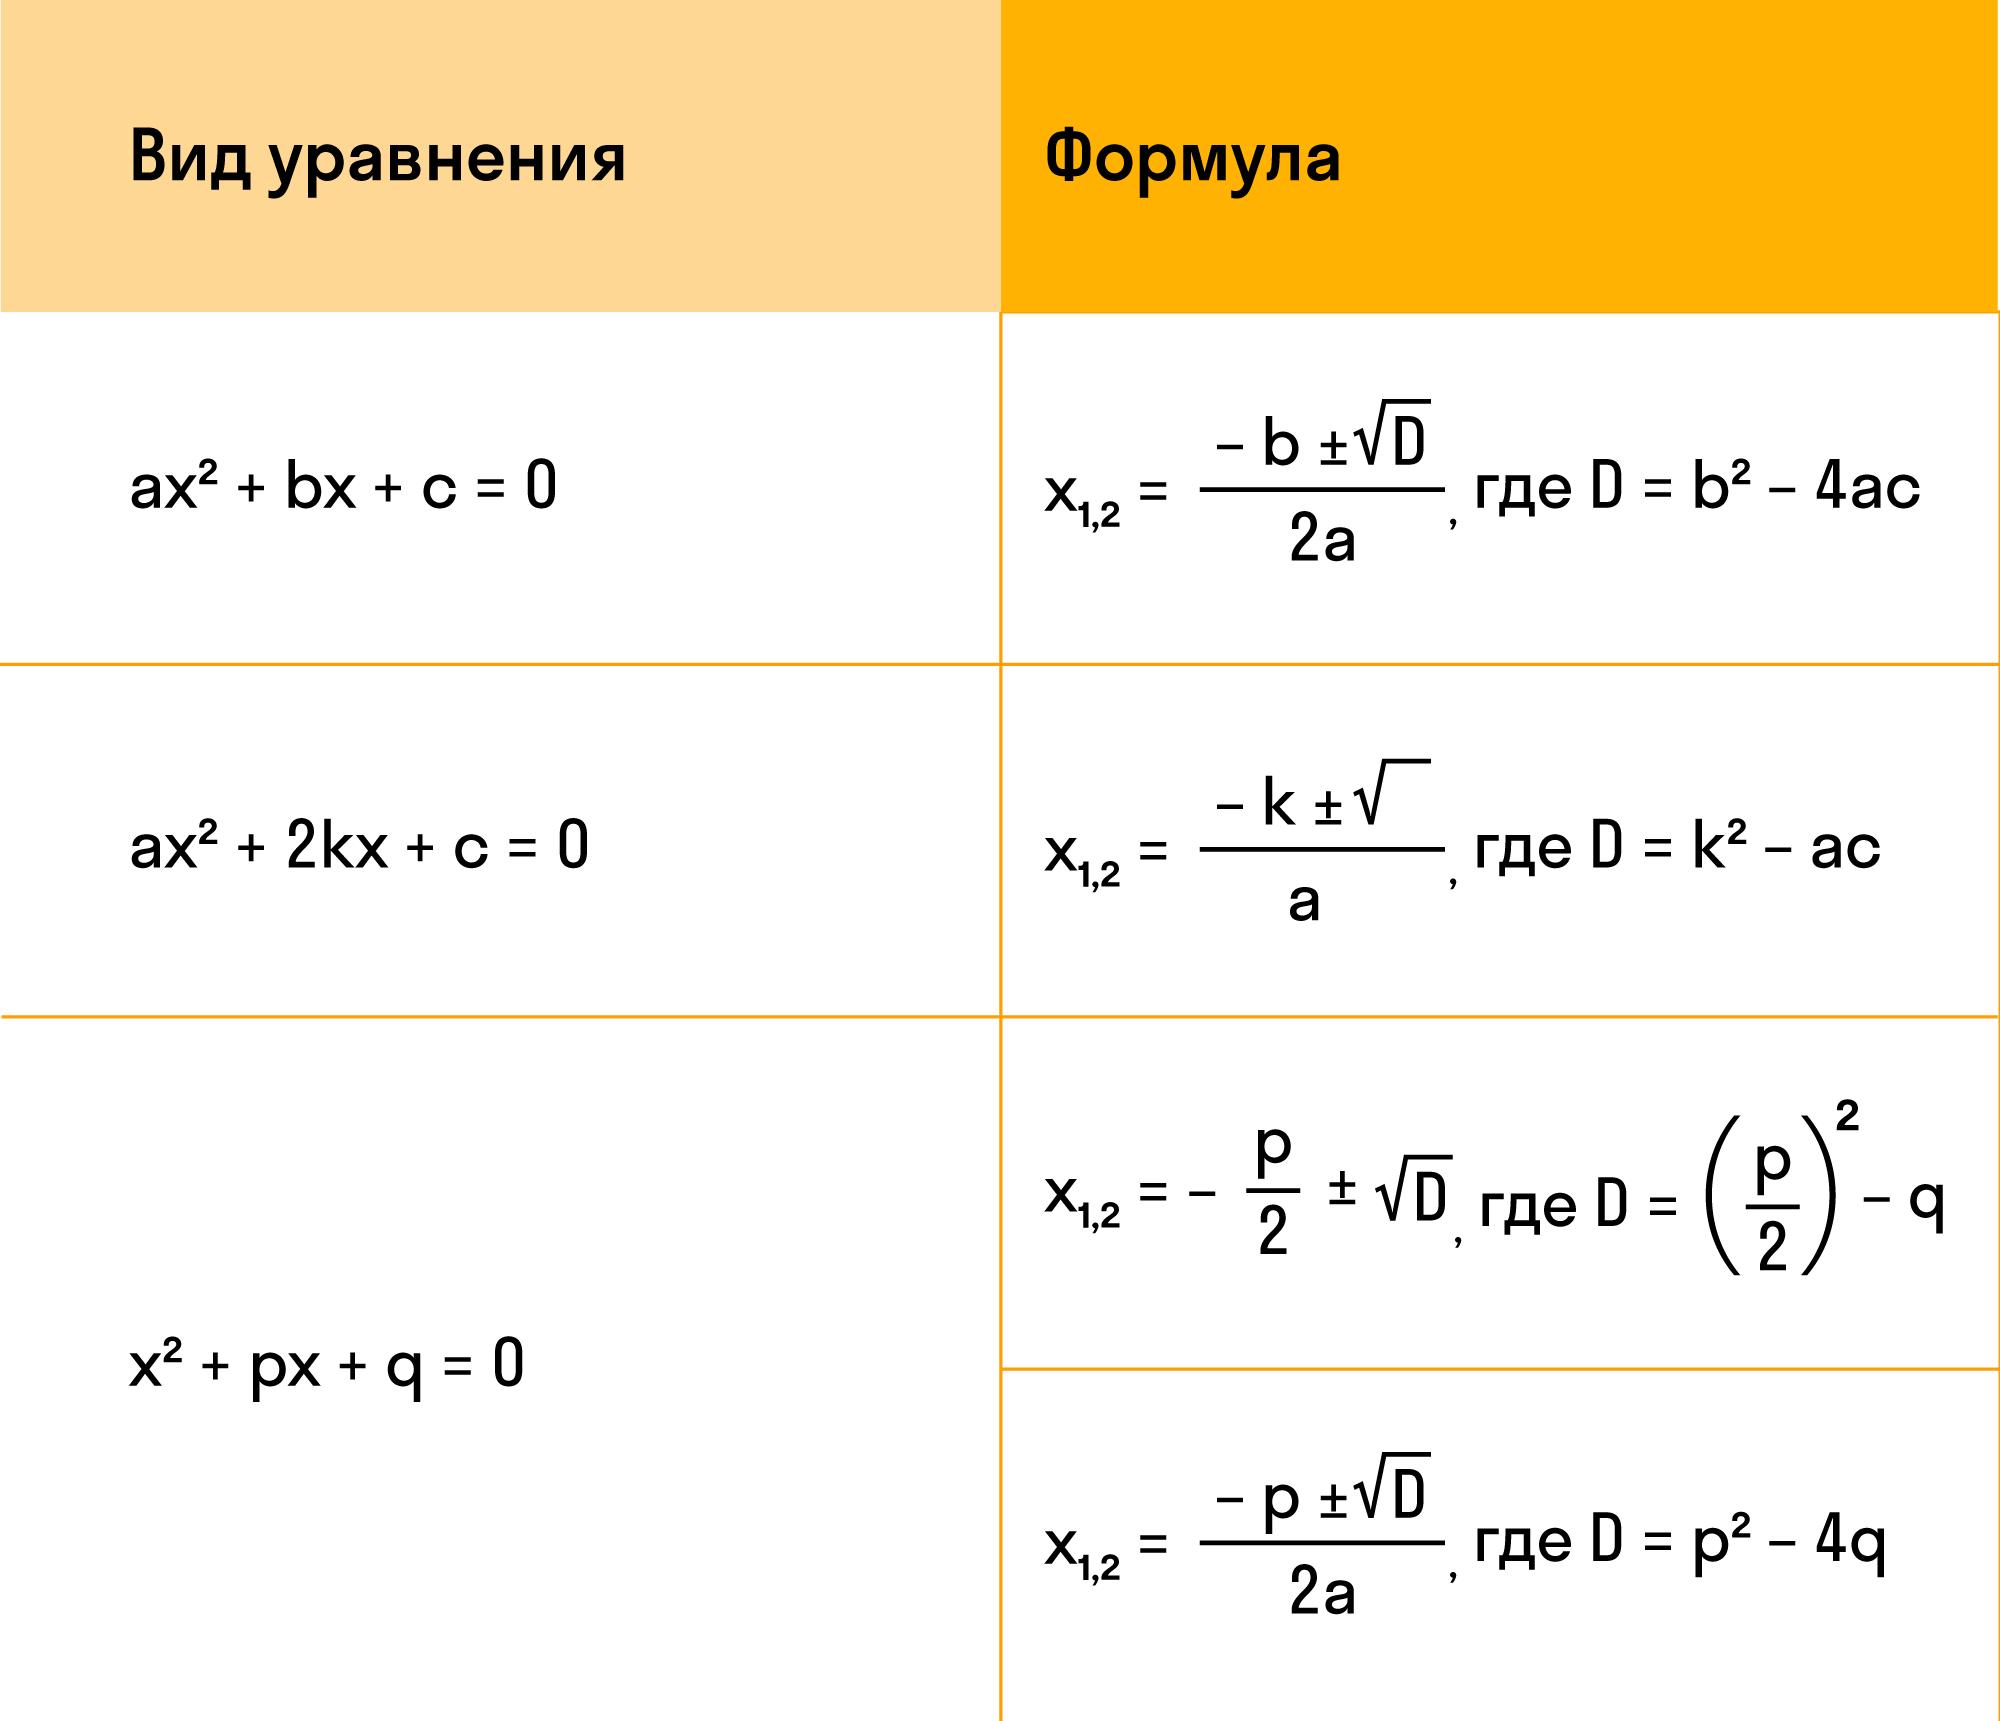 Сколько корней имеет уравнение, если дискриминант равен 0 ...